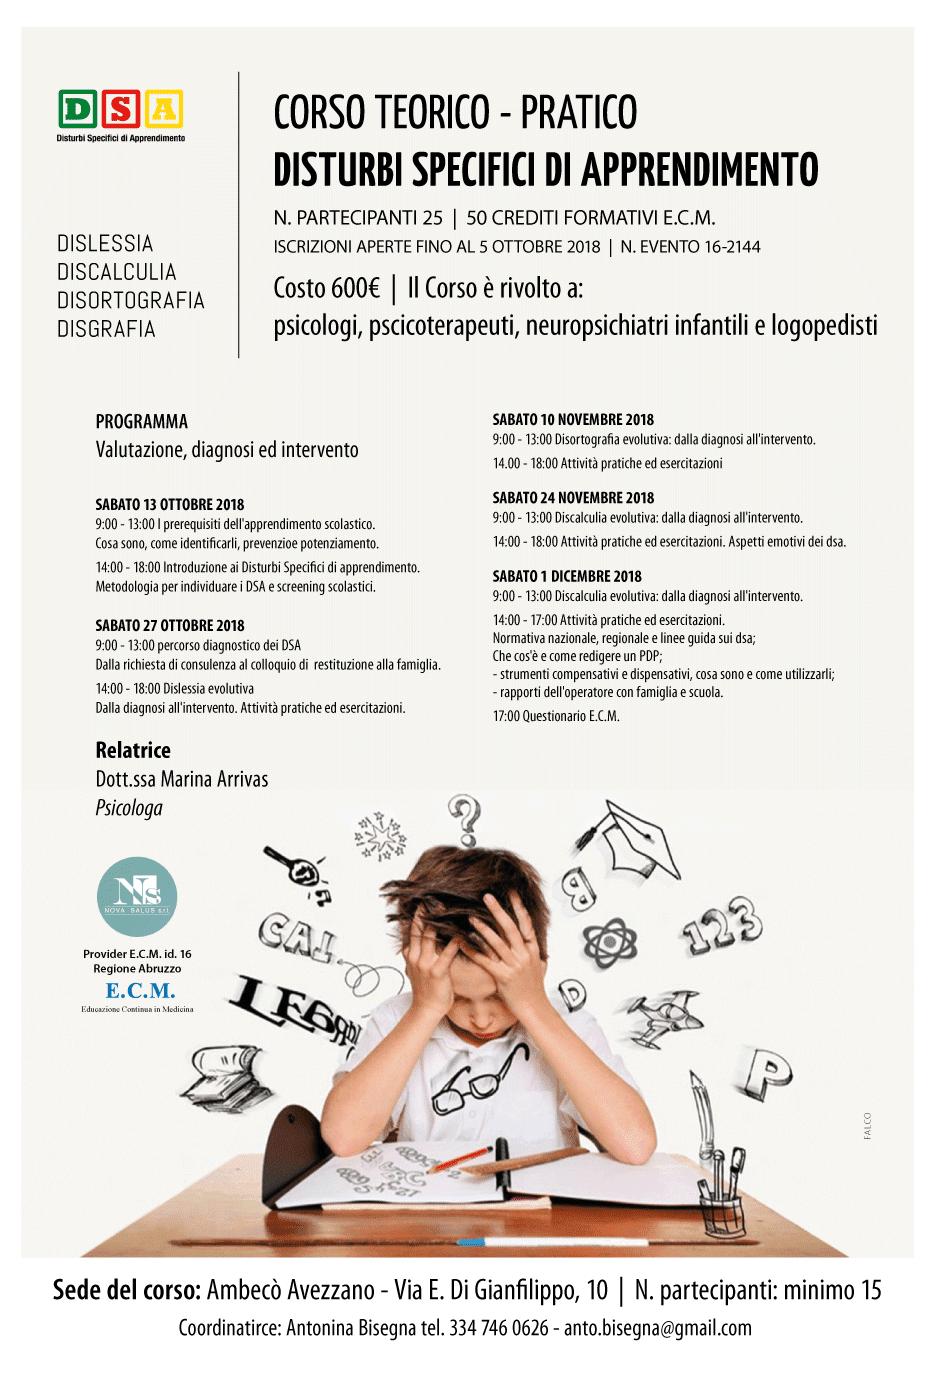 DSA - Distubi specifici di apprendimento